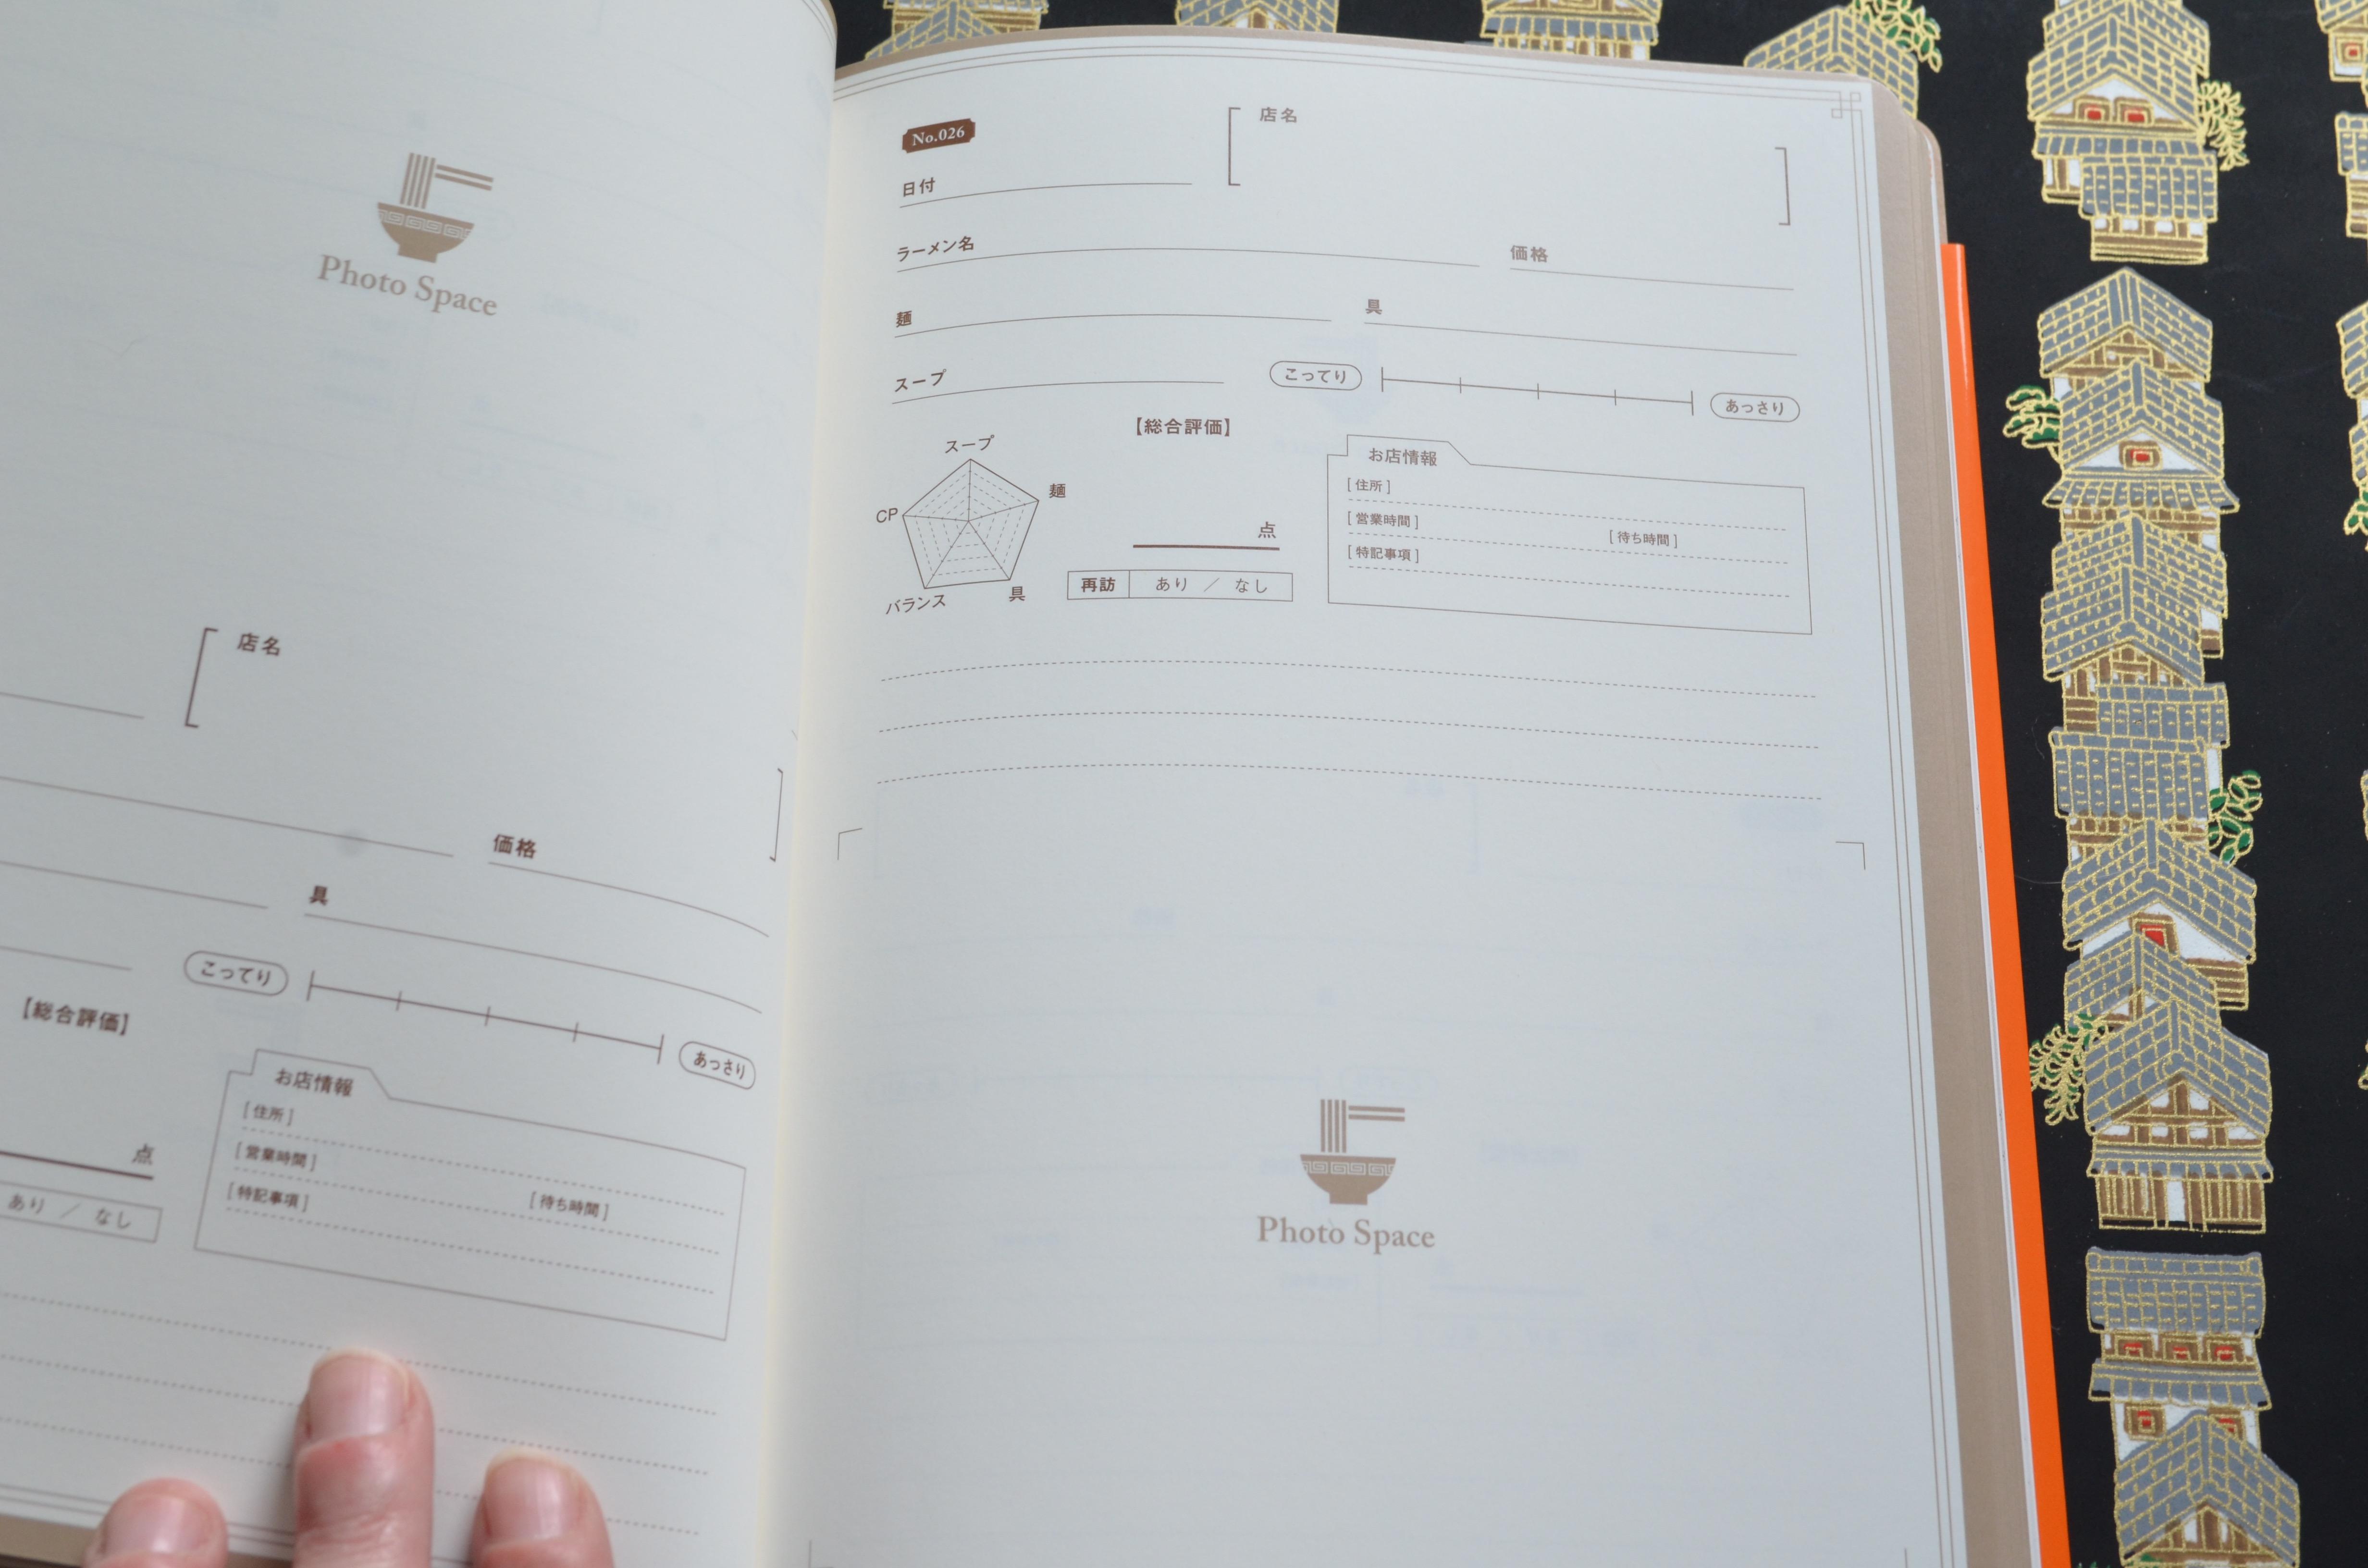 Ramen journal inside pagesl, Ramen log, Naoberly's Noodle Tour